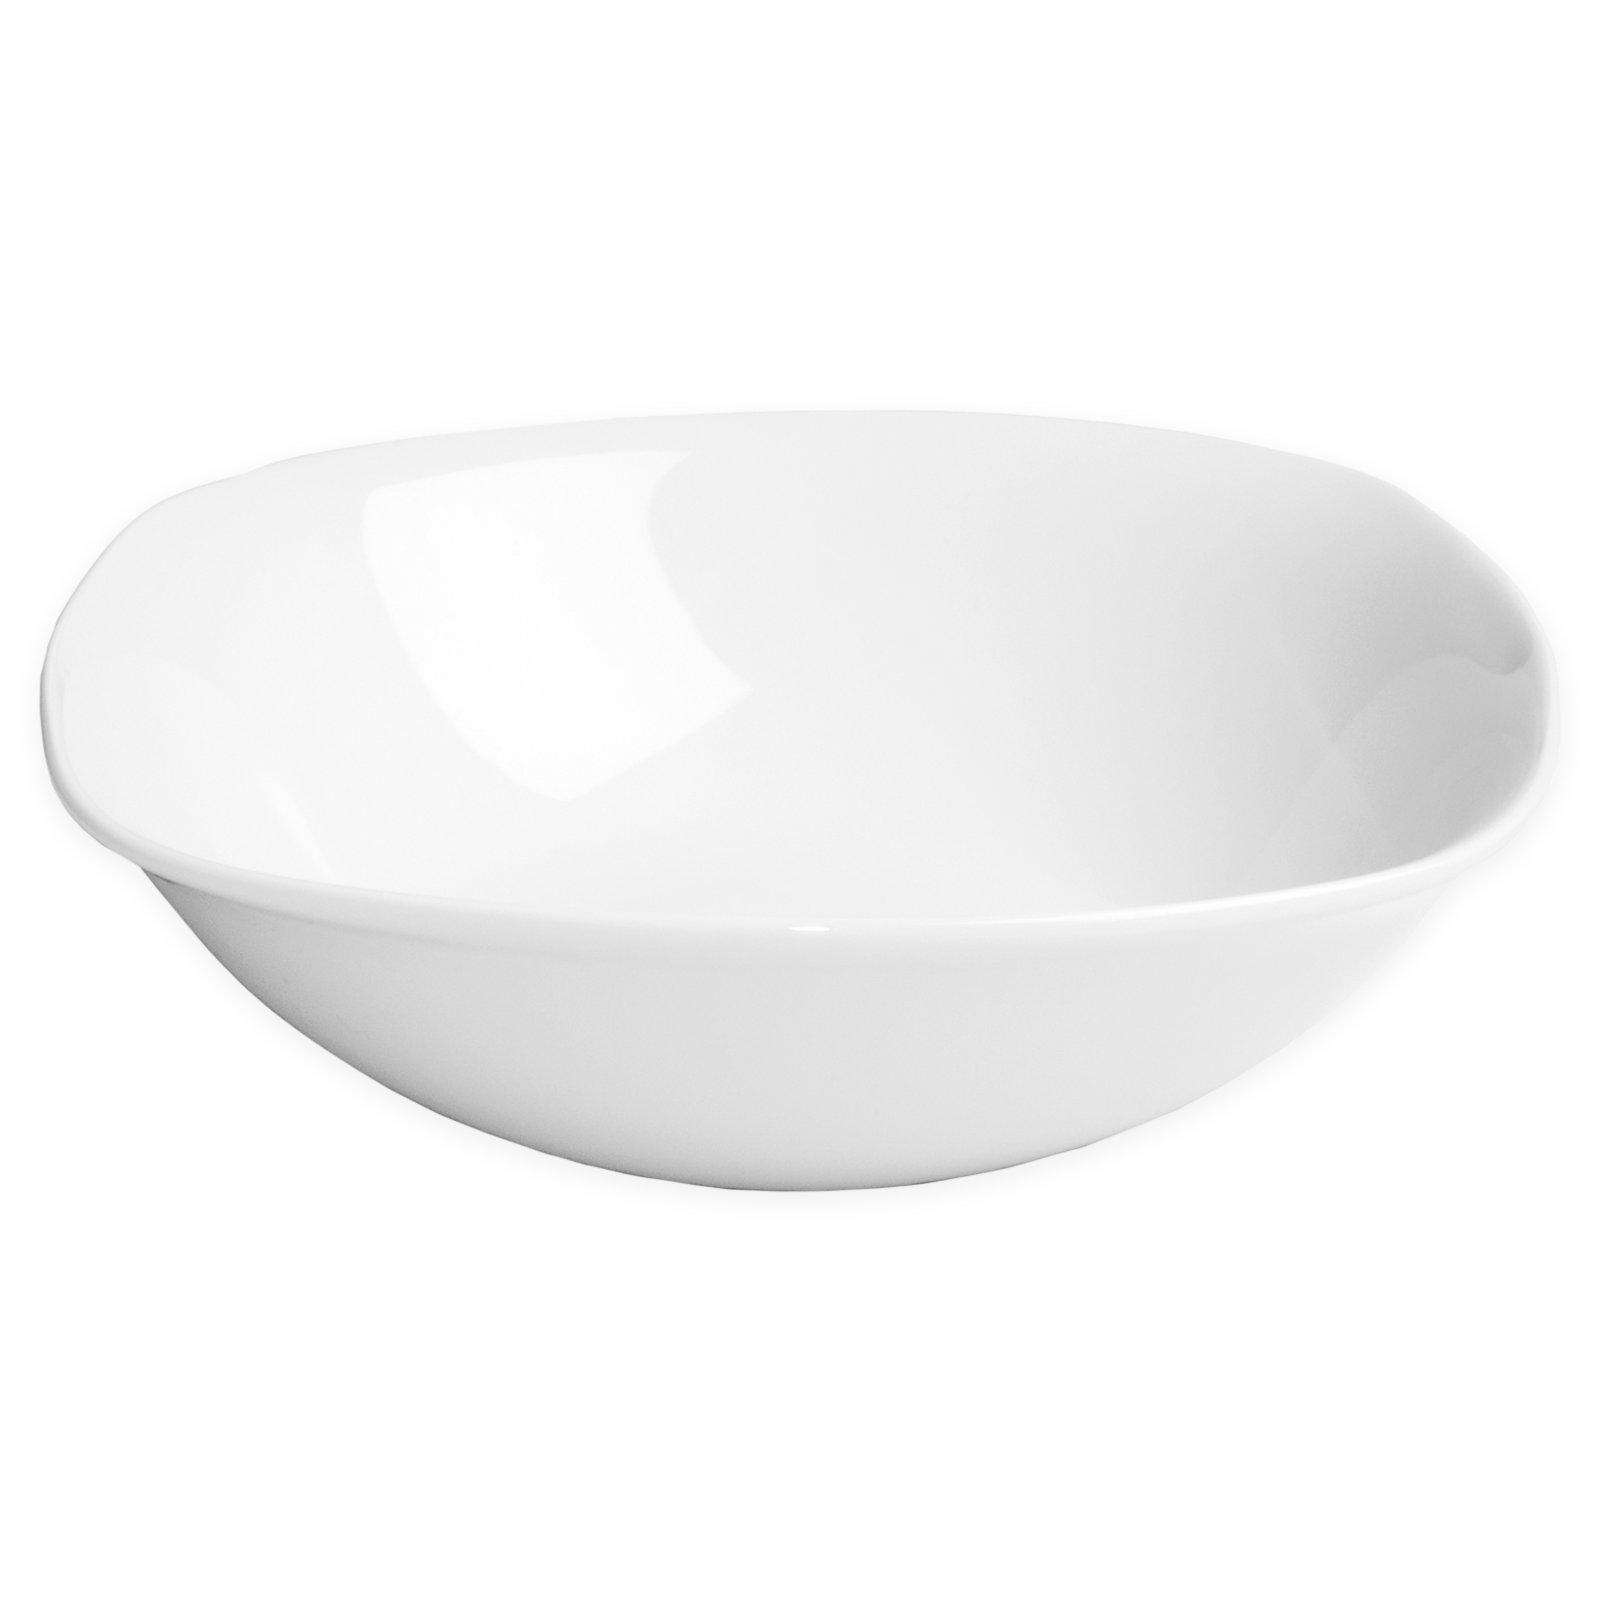 Salatschale MOLTO BENE - weiß - Porzellan - Ø 23 cm